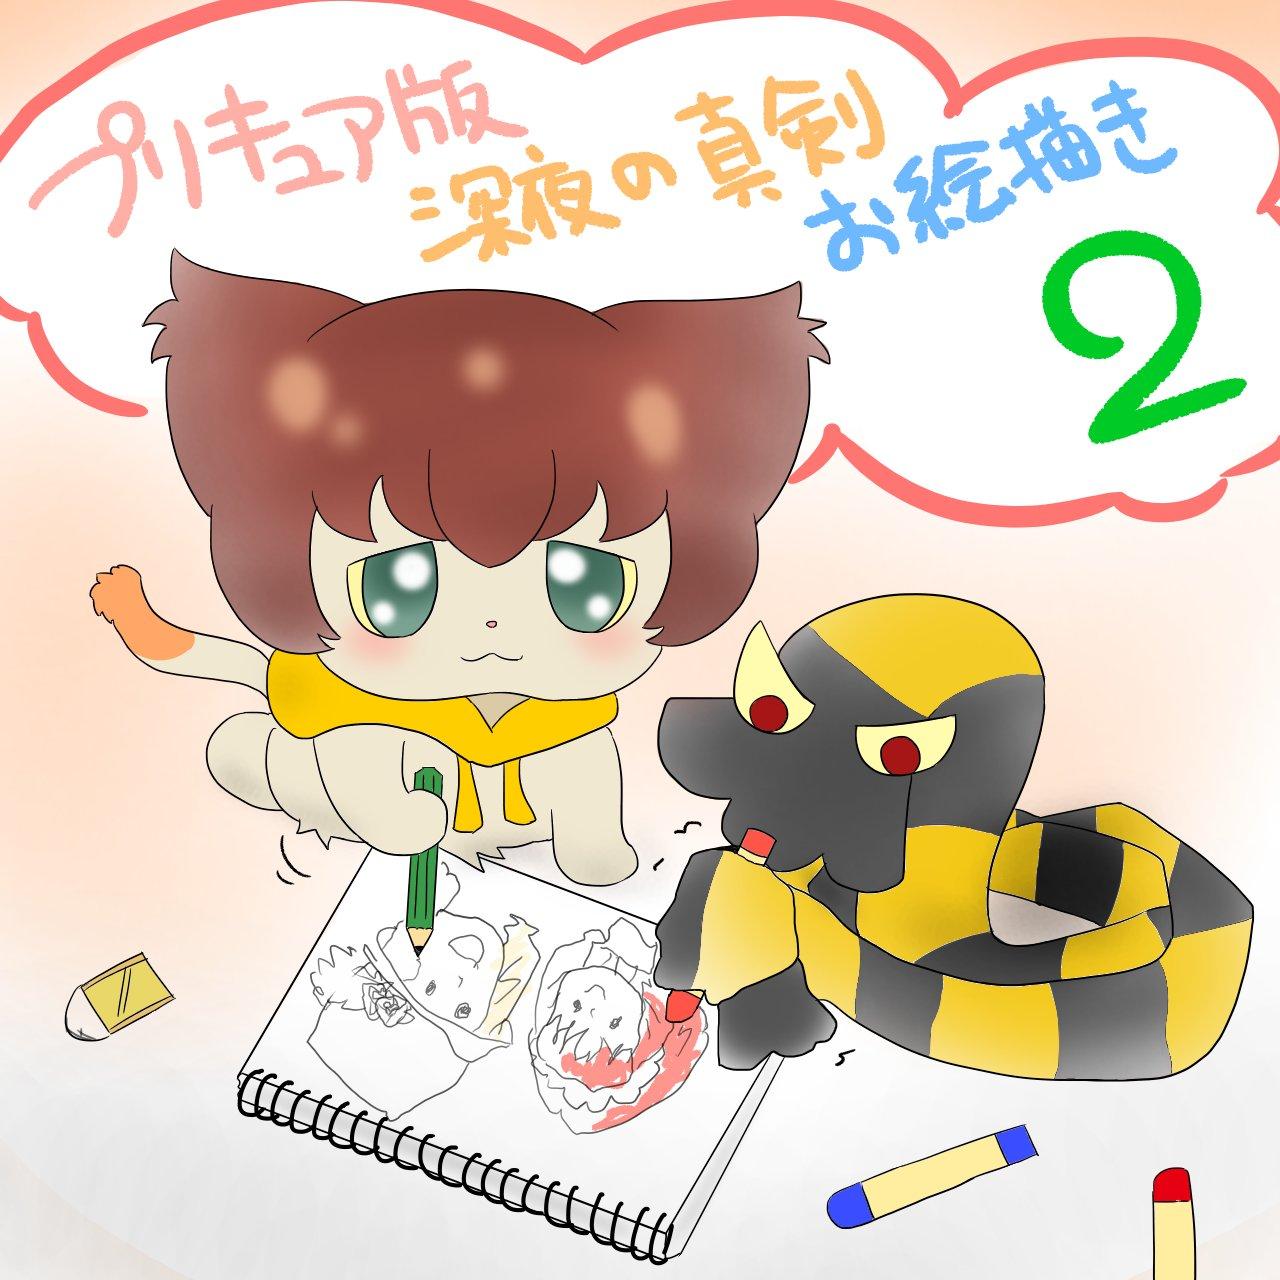 だねロロ(イラスト) (@LocKuroro_)さんのイラスト